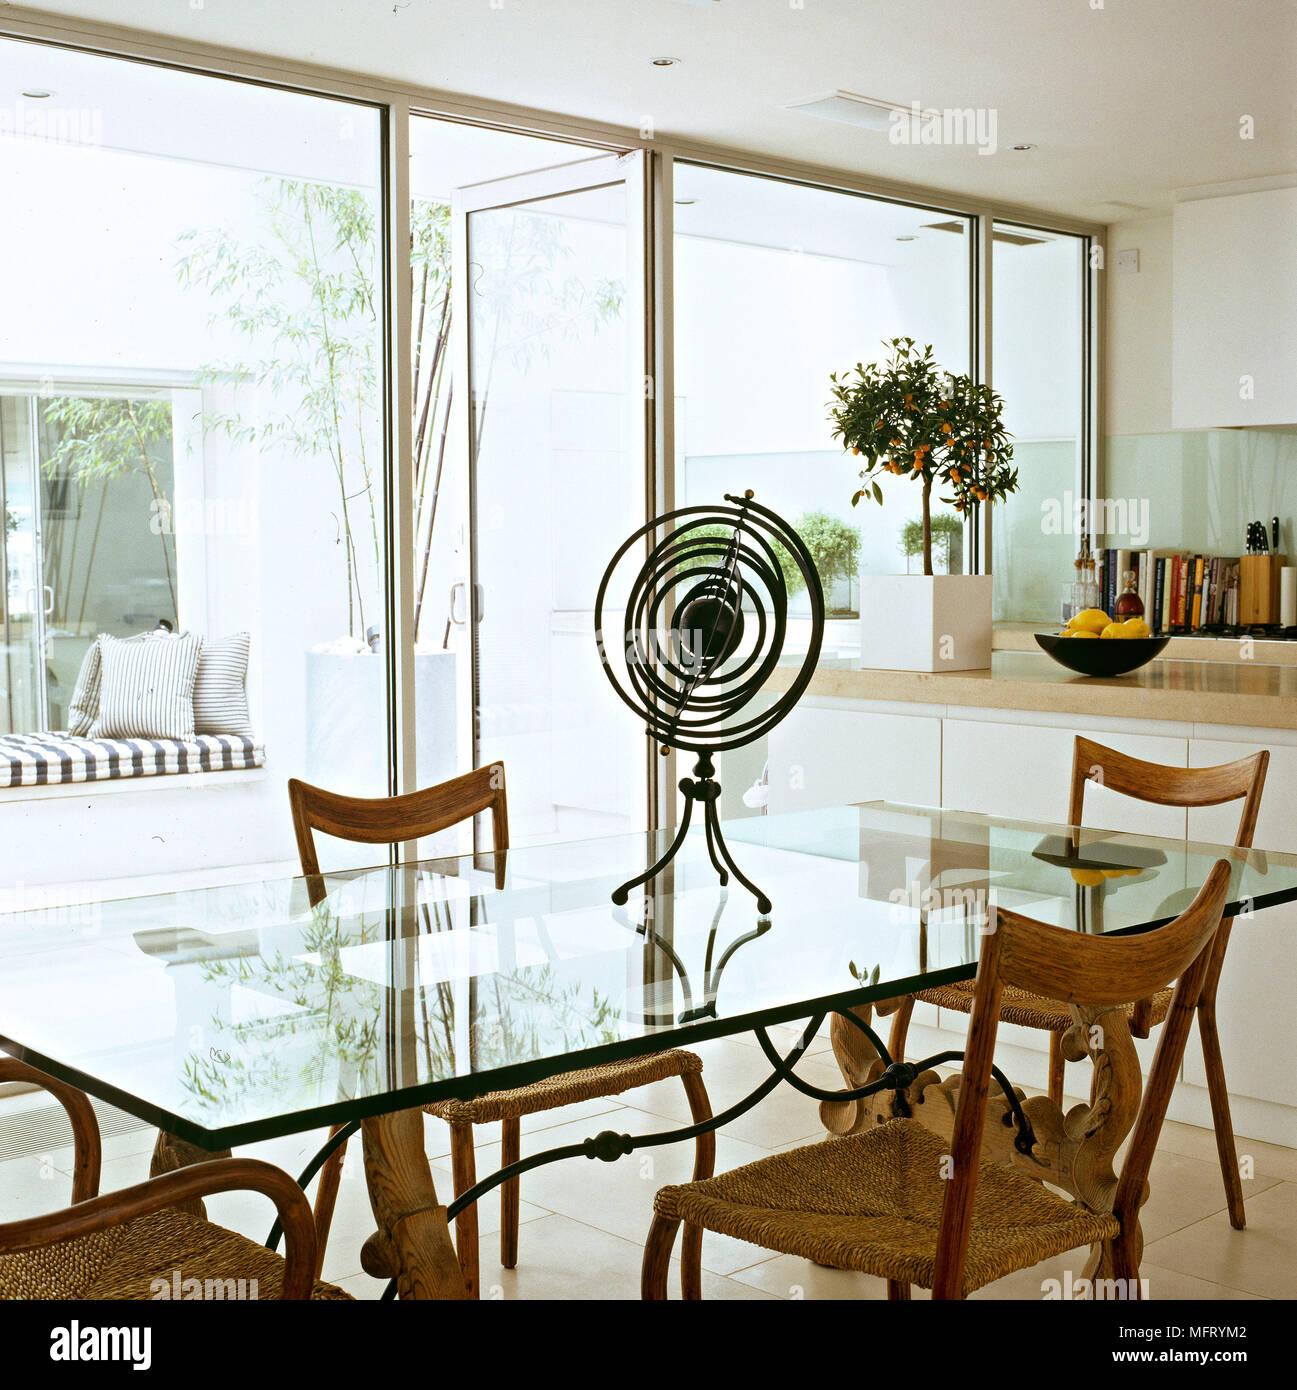 Cuisine Salle A Manger Moderne En Verre Blanc Table Des Unites De